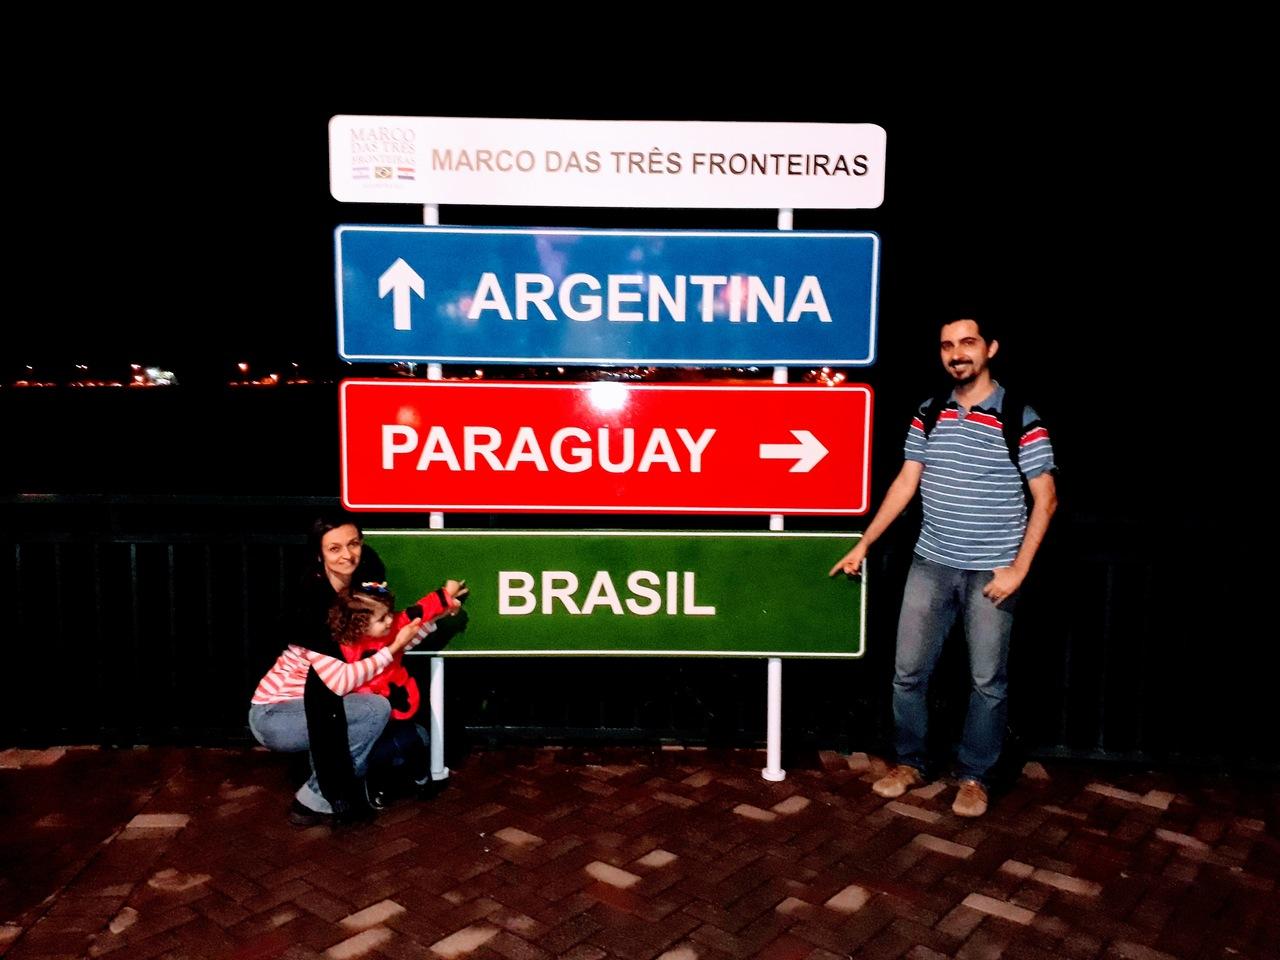 O Marco das 3 Fronteiras em Foz do Iguaçu